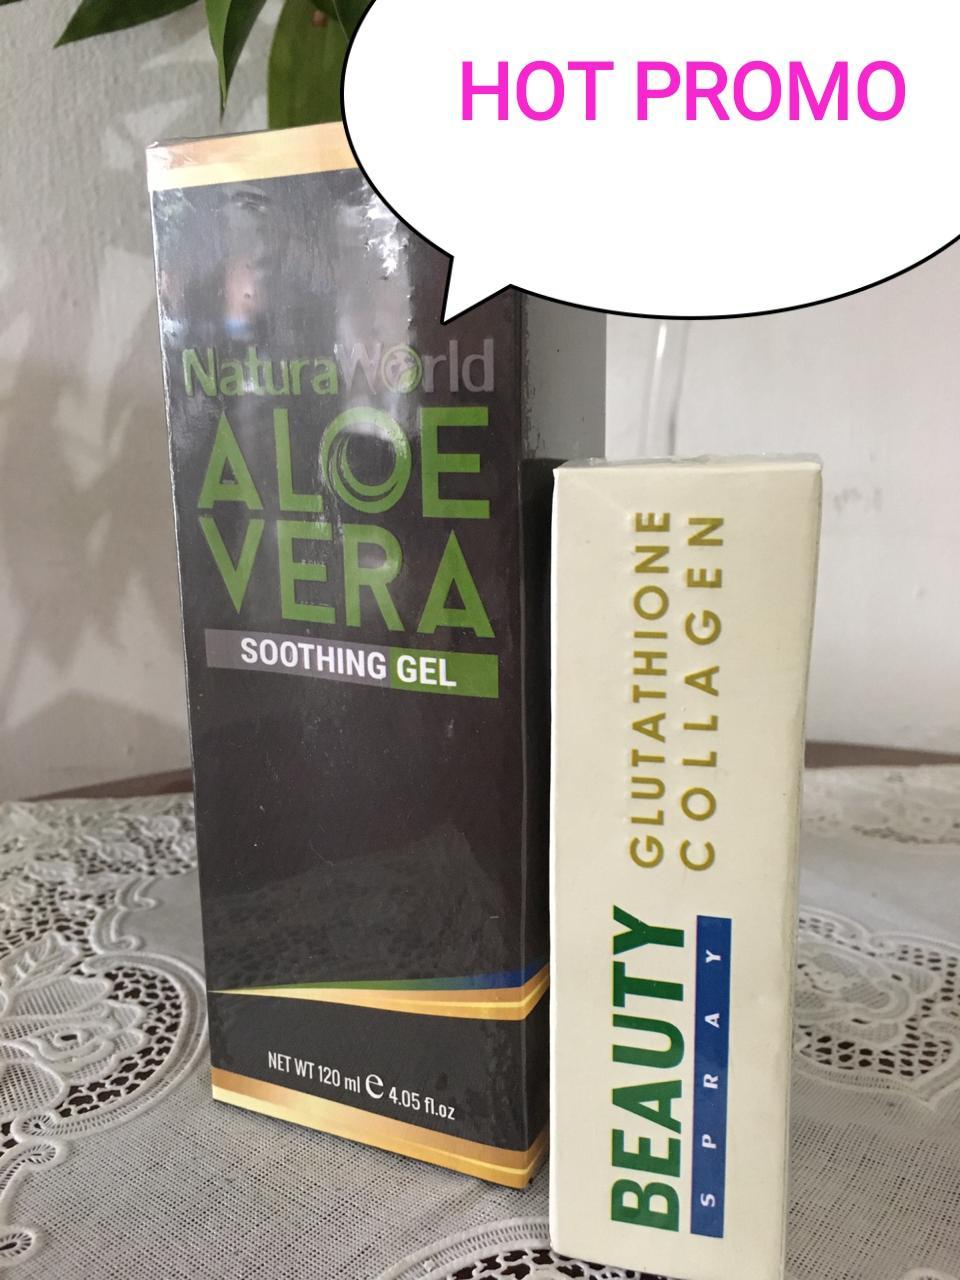 promo  paket 2 in 1 natura world / aloevera gel 1pcs & spray beauty 1pcs /promo obat jerawat / serum kecantikan / serum perawatan wajah / natura world beauty spray & aloevera gel original / / ekspress / natura world aloe vera soothing/ ori m